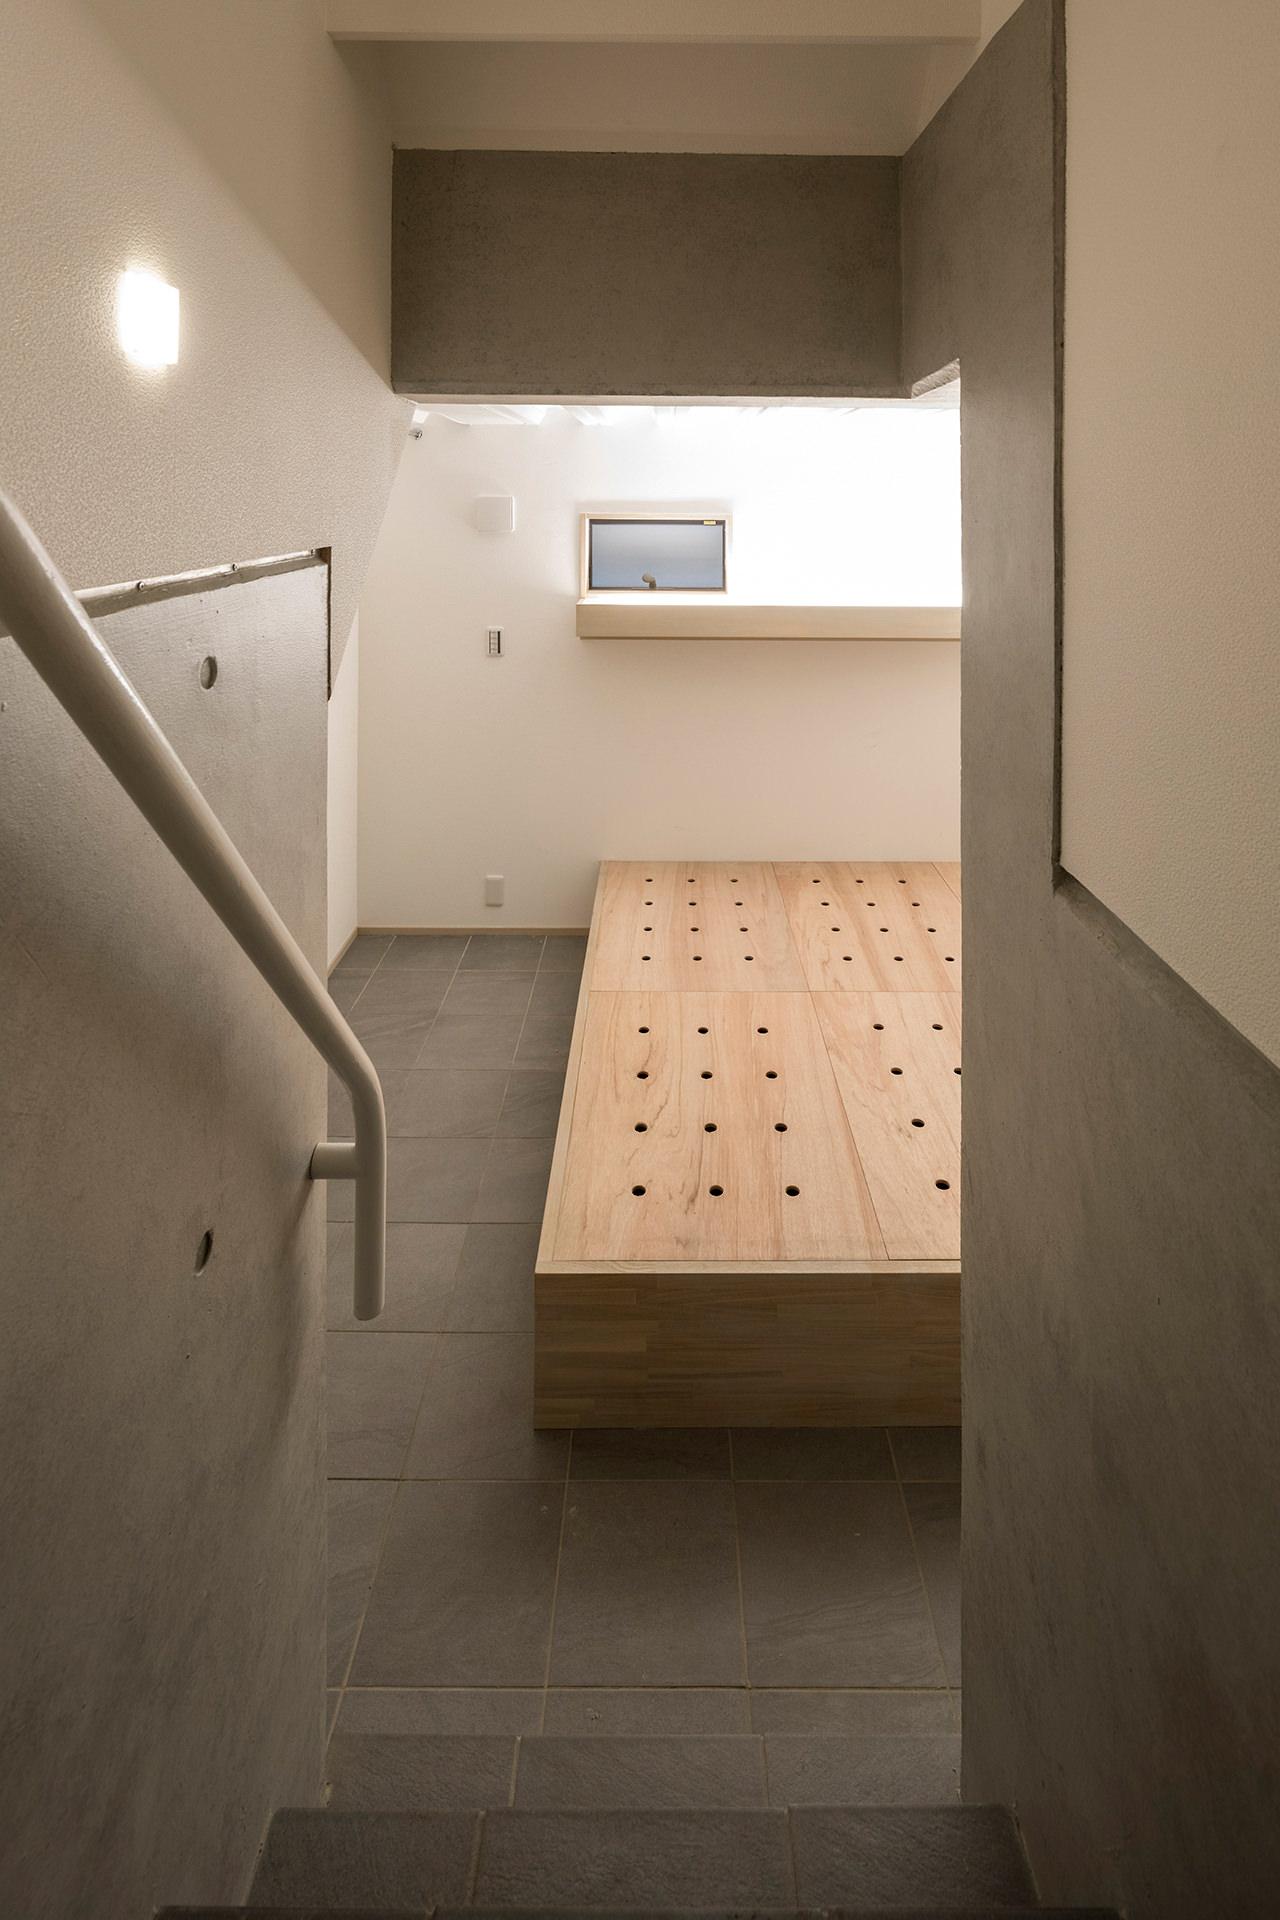 「6坪の家」 イメージ10 撮影:東涌写真事務所・東涌宏和